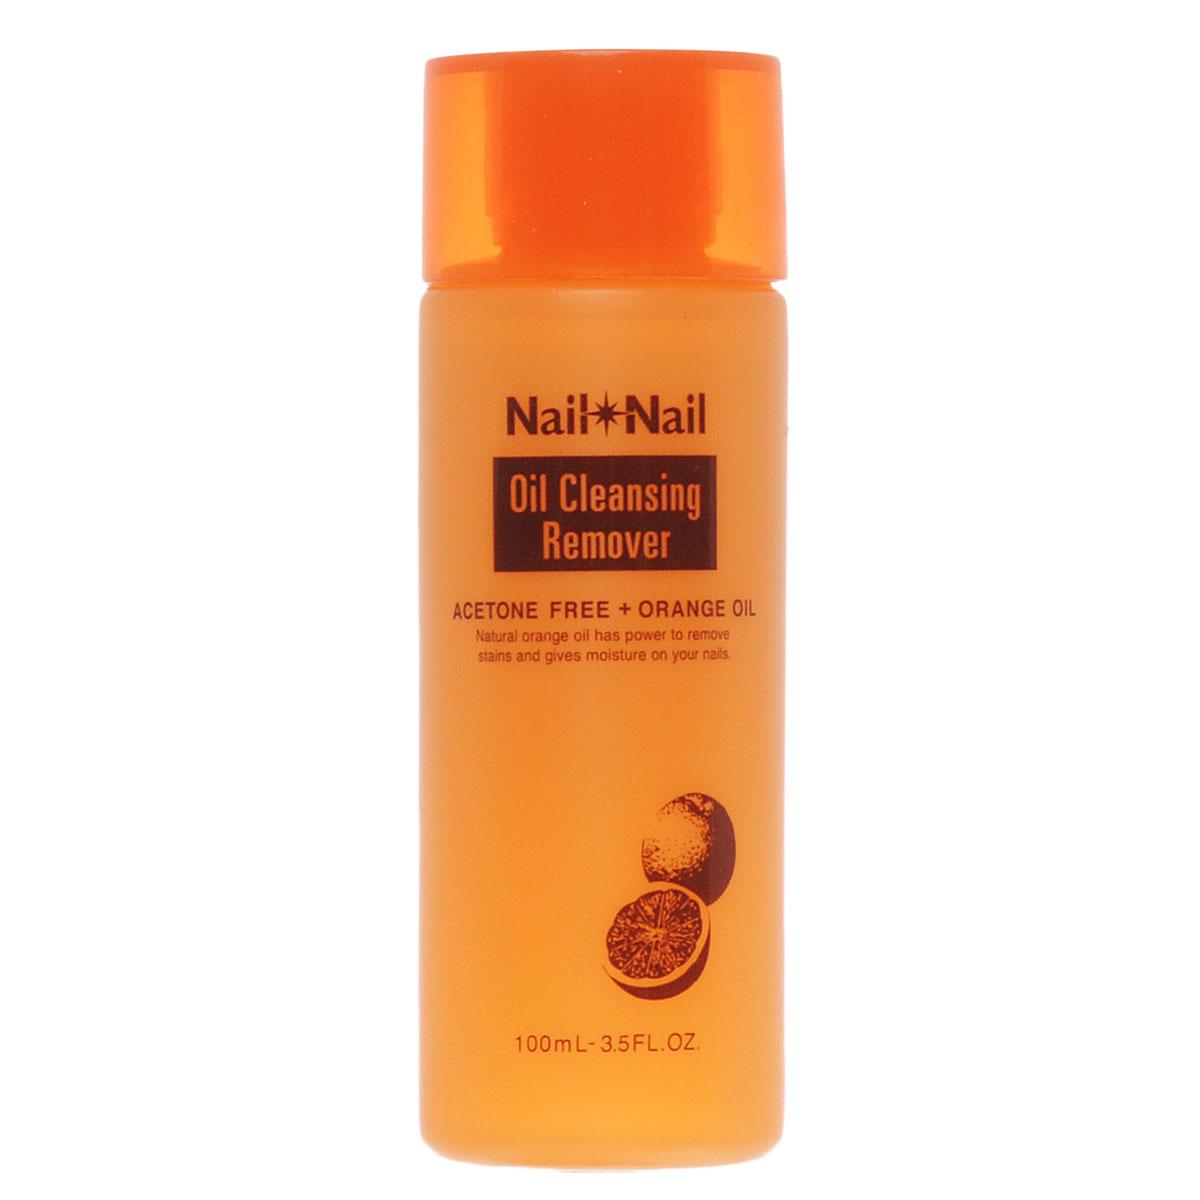 BCL Жидкость для снятия лака, с апельсиновым маслом, без ацетона, 100 мл042624Жидкость быстро и мягко удаляет лак с поверхности ногтей. Сочетает в себе свойства ухаживающего продукта и средства для снятия лака. Содержит масло апельсина, которое увлажняет и питает ногтевую пластину, смягчает поверхность ногтя. Это средство обеспечивает удобный и эффективный уход за ногтями. Не содержит ацетона. Обладает приятным ароматом апельсина.Товар сертифицирован.